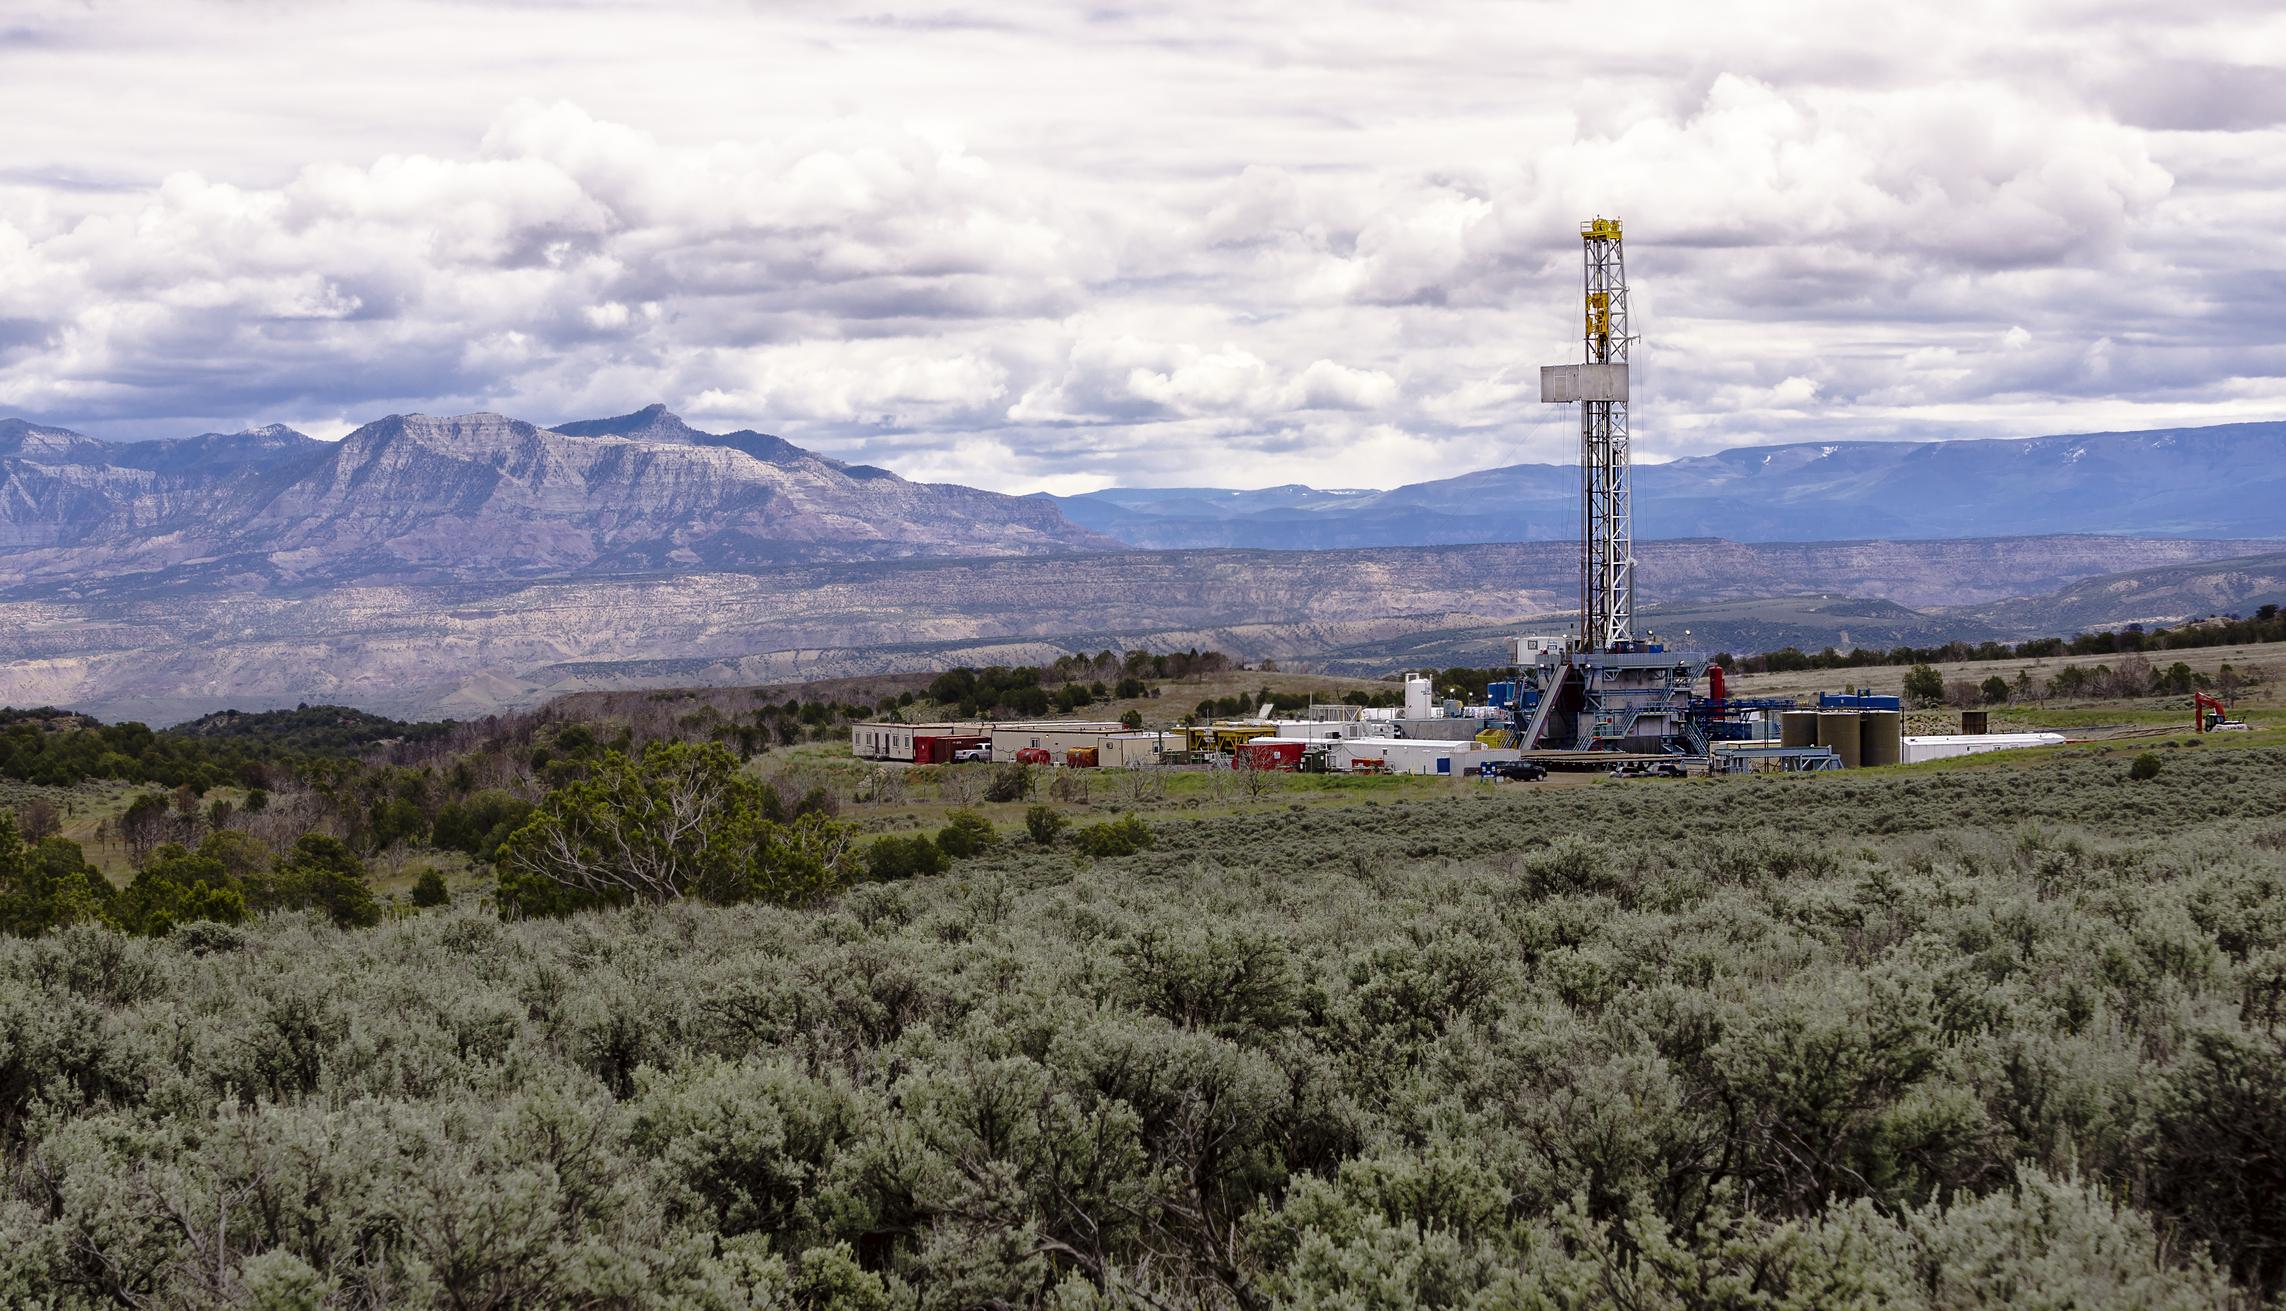 A drilling rig in Colorado.